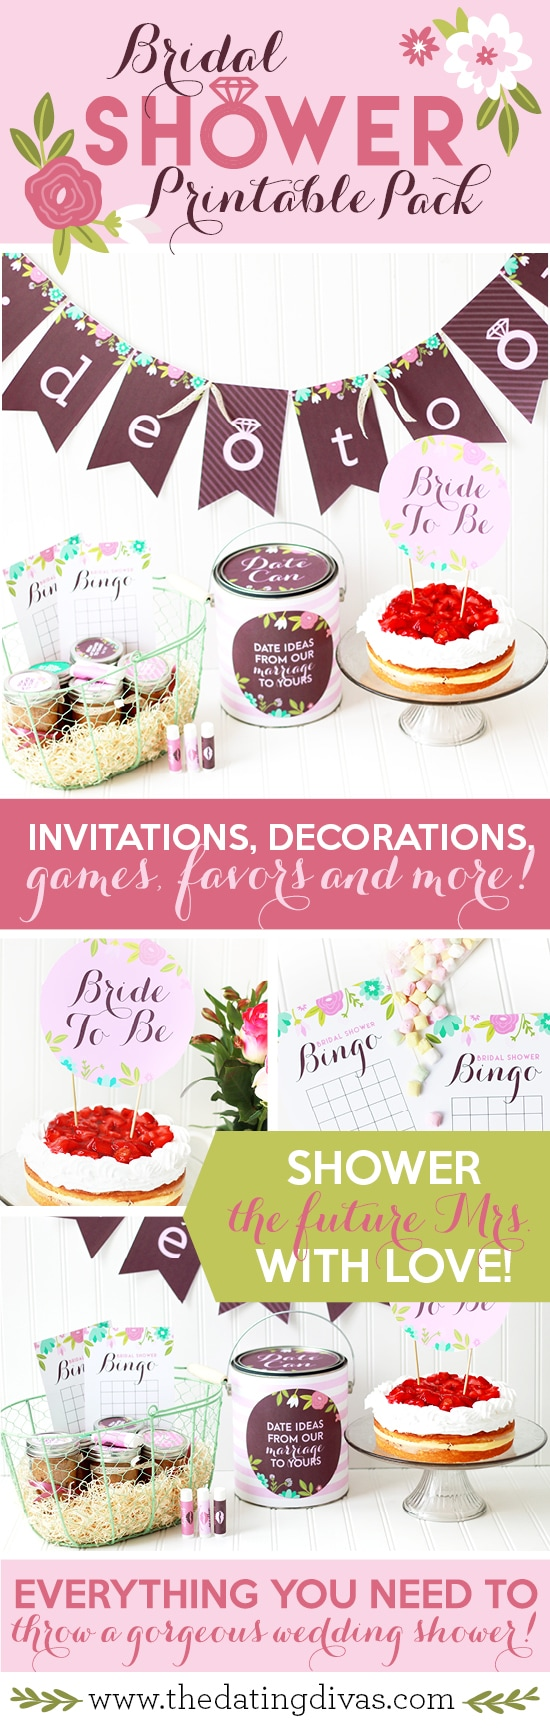 Wedding Gift Exchange Etiquette : Bridal shower gift exchange gameBridal Shower Party Park Download ...